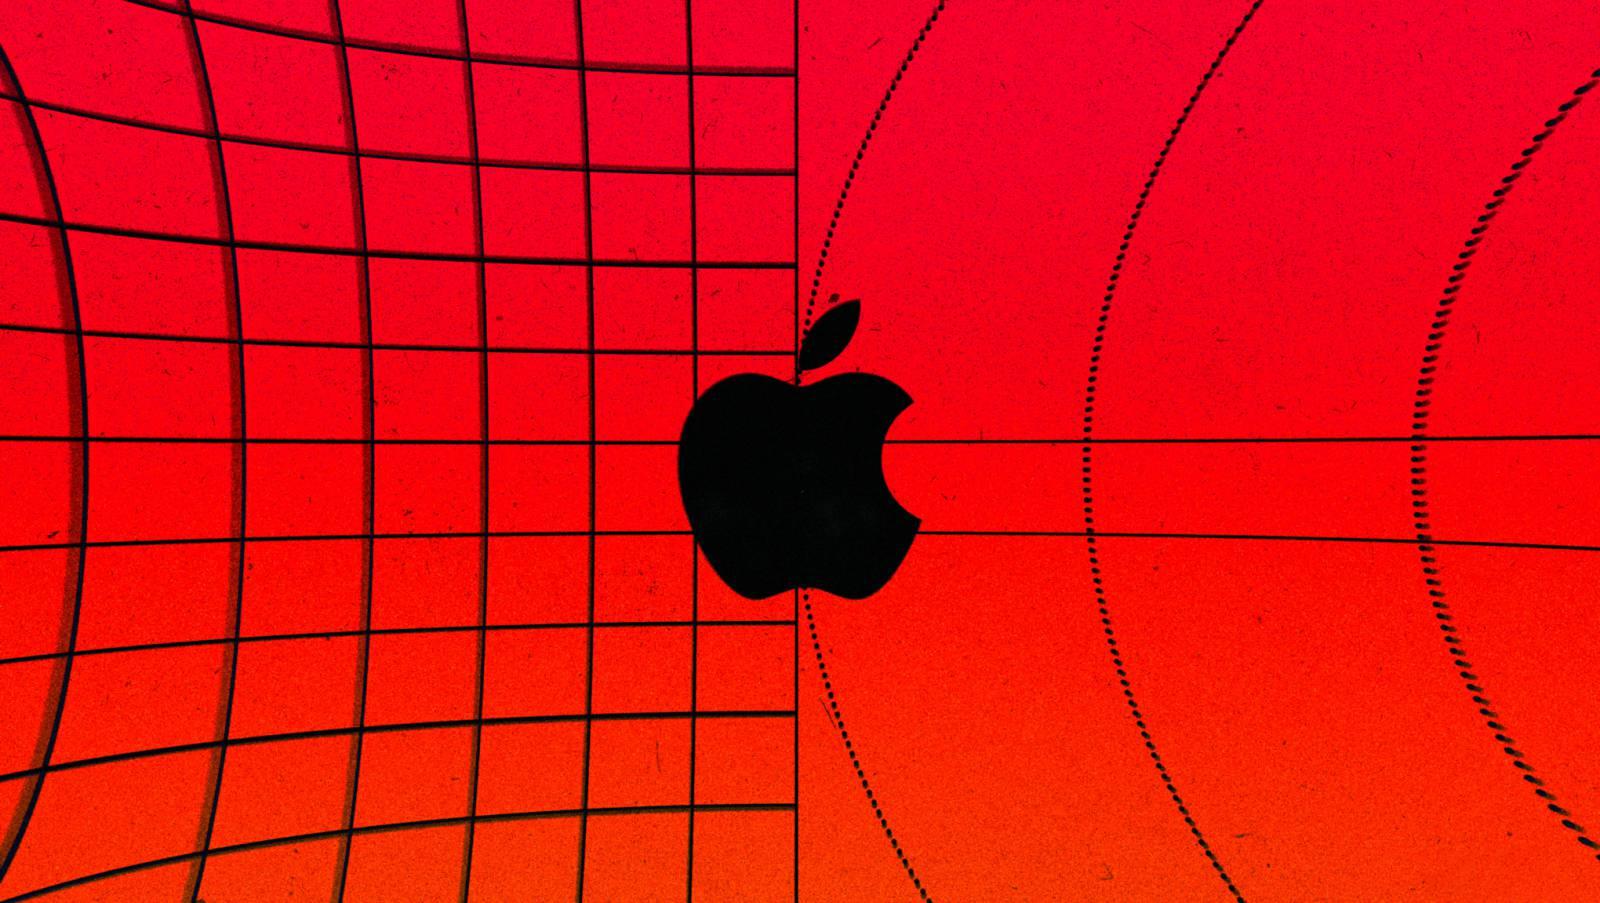 Apple Cheltuie Sume IMPRESIONANTE pentru Cercetare si Dezvoltare